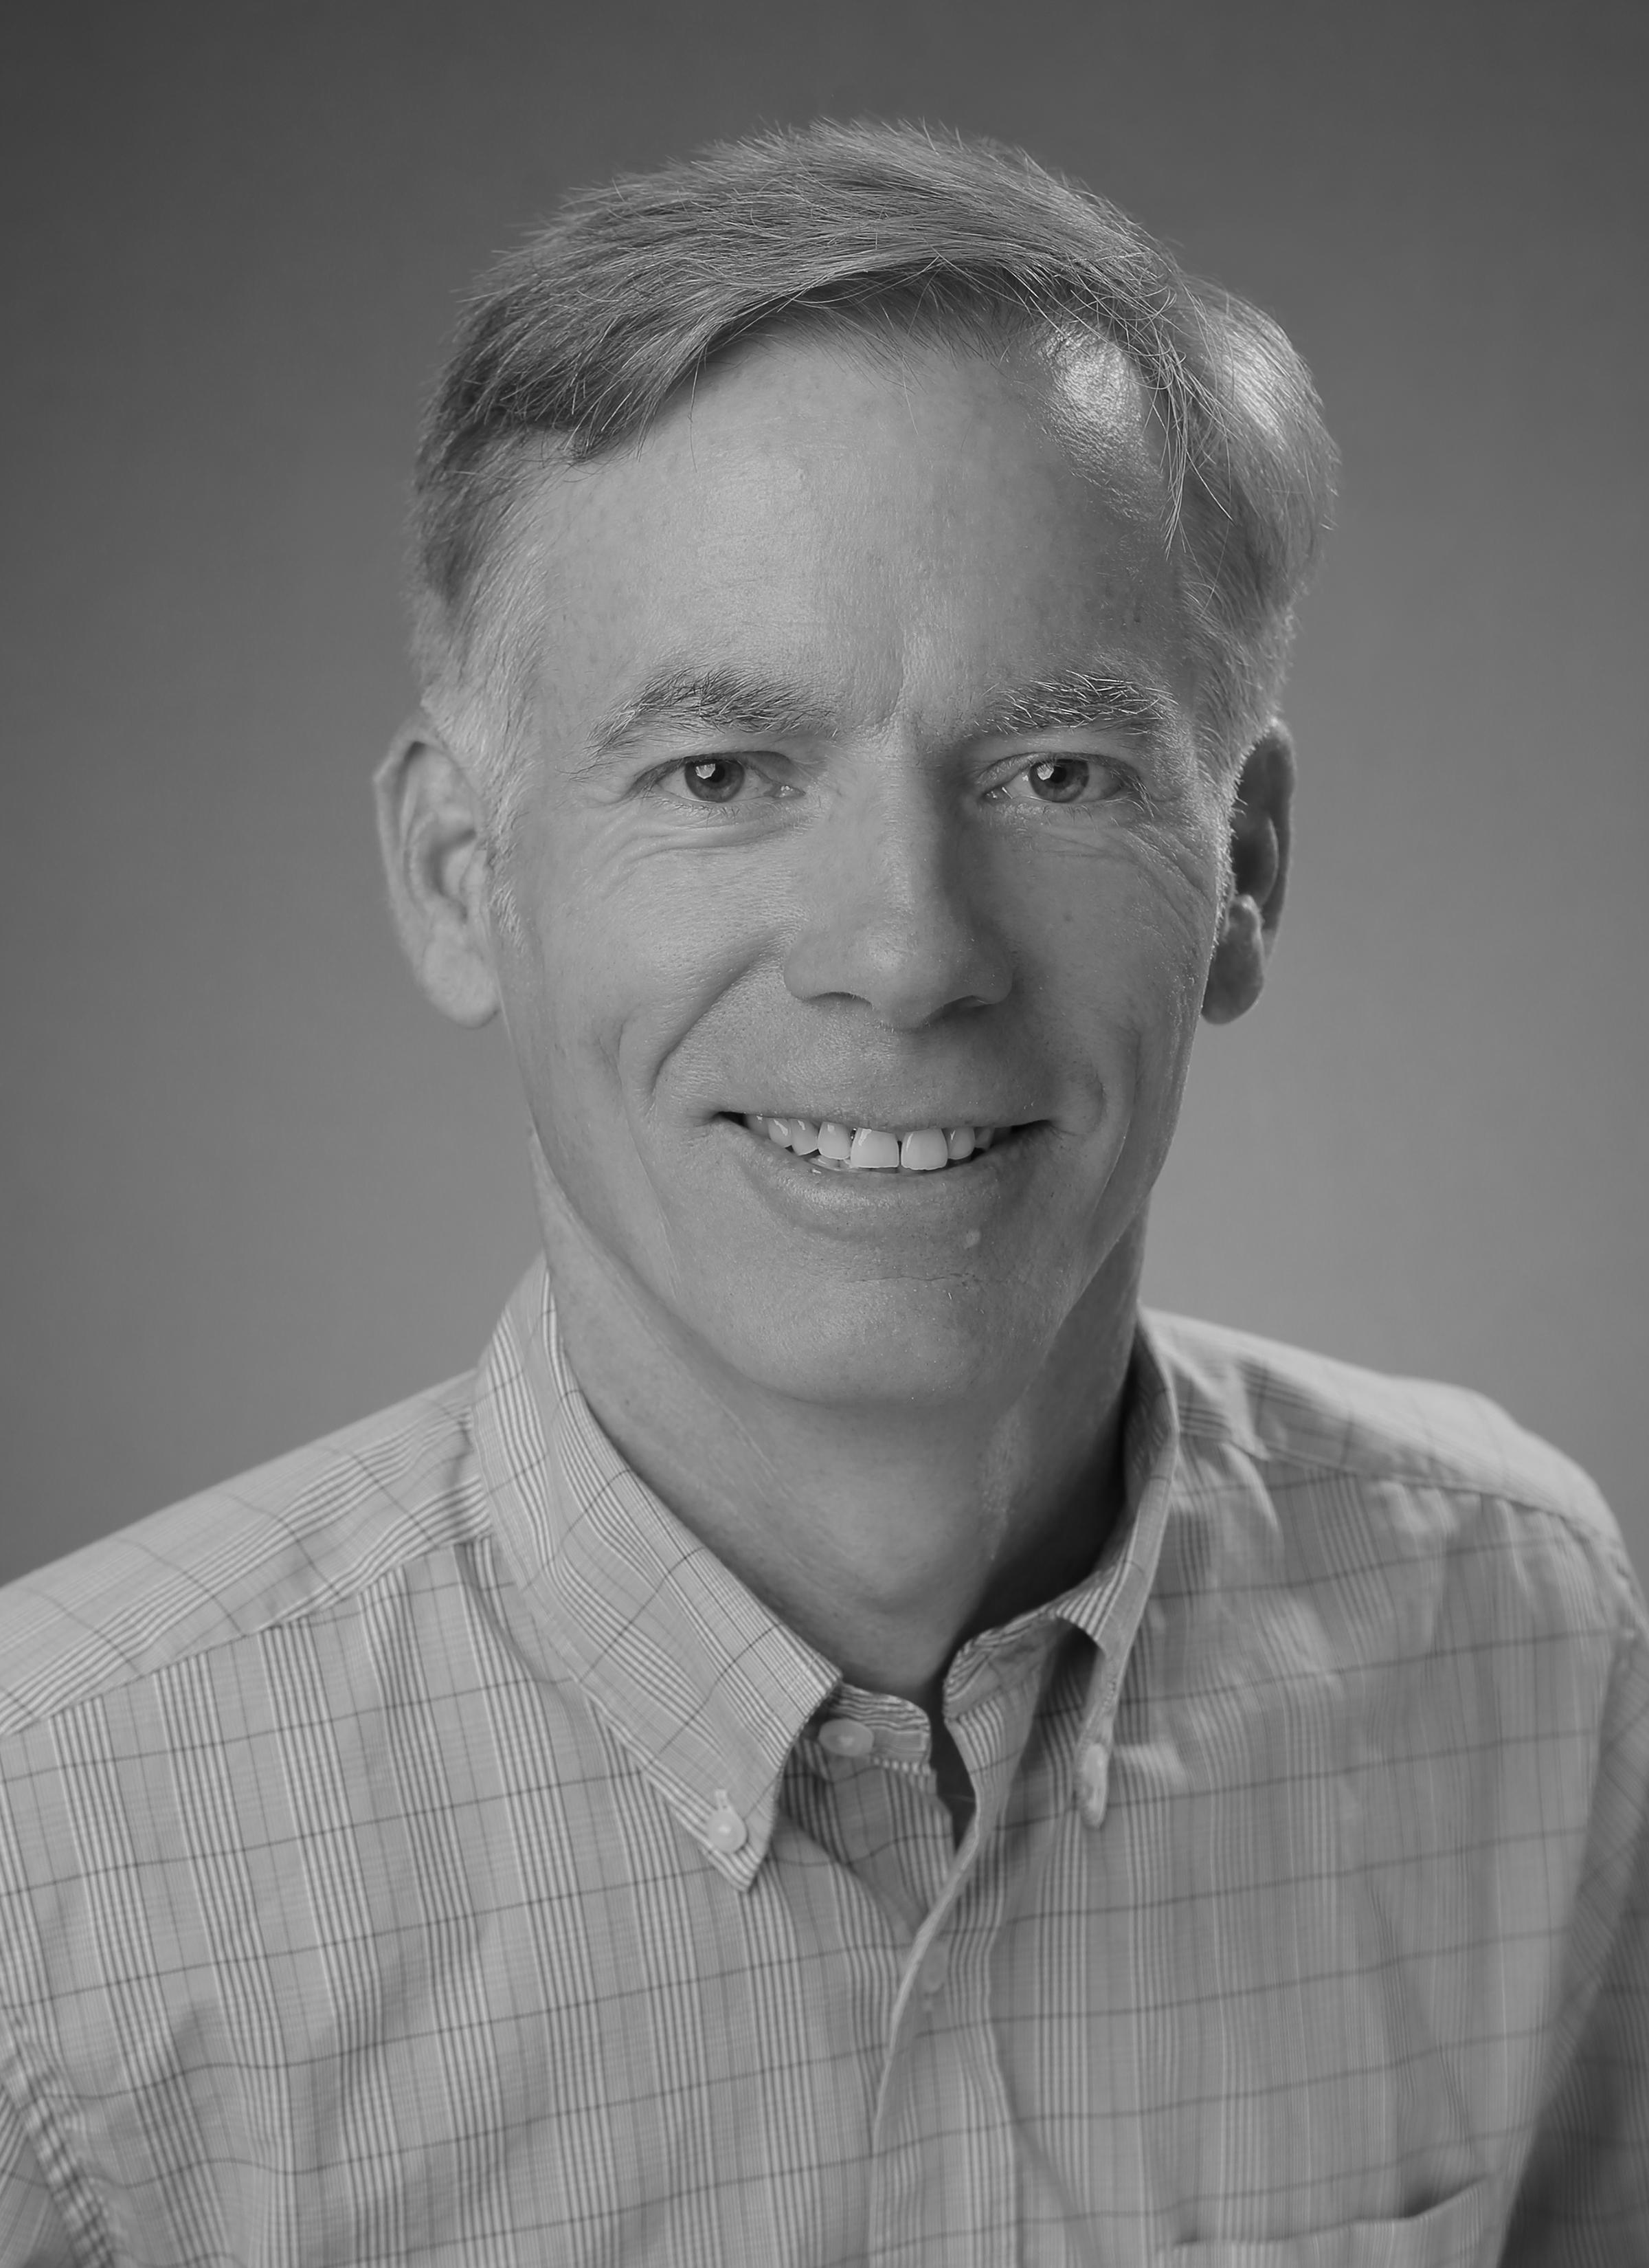 Brad Kurtz